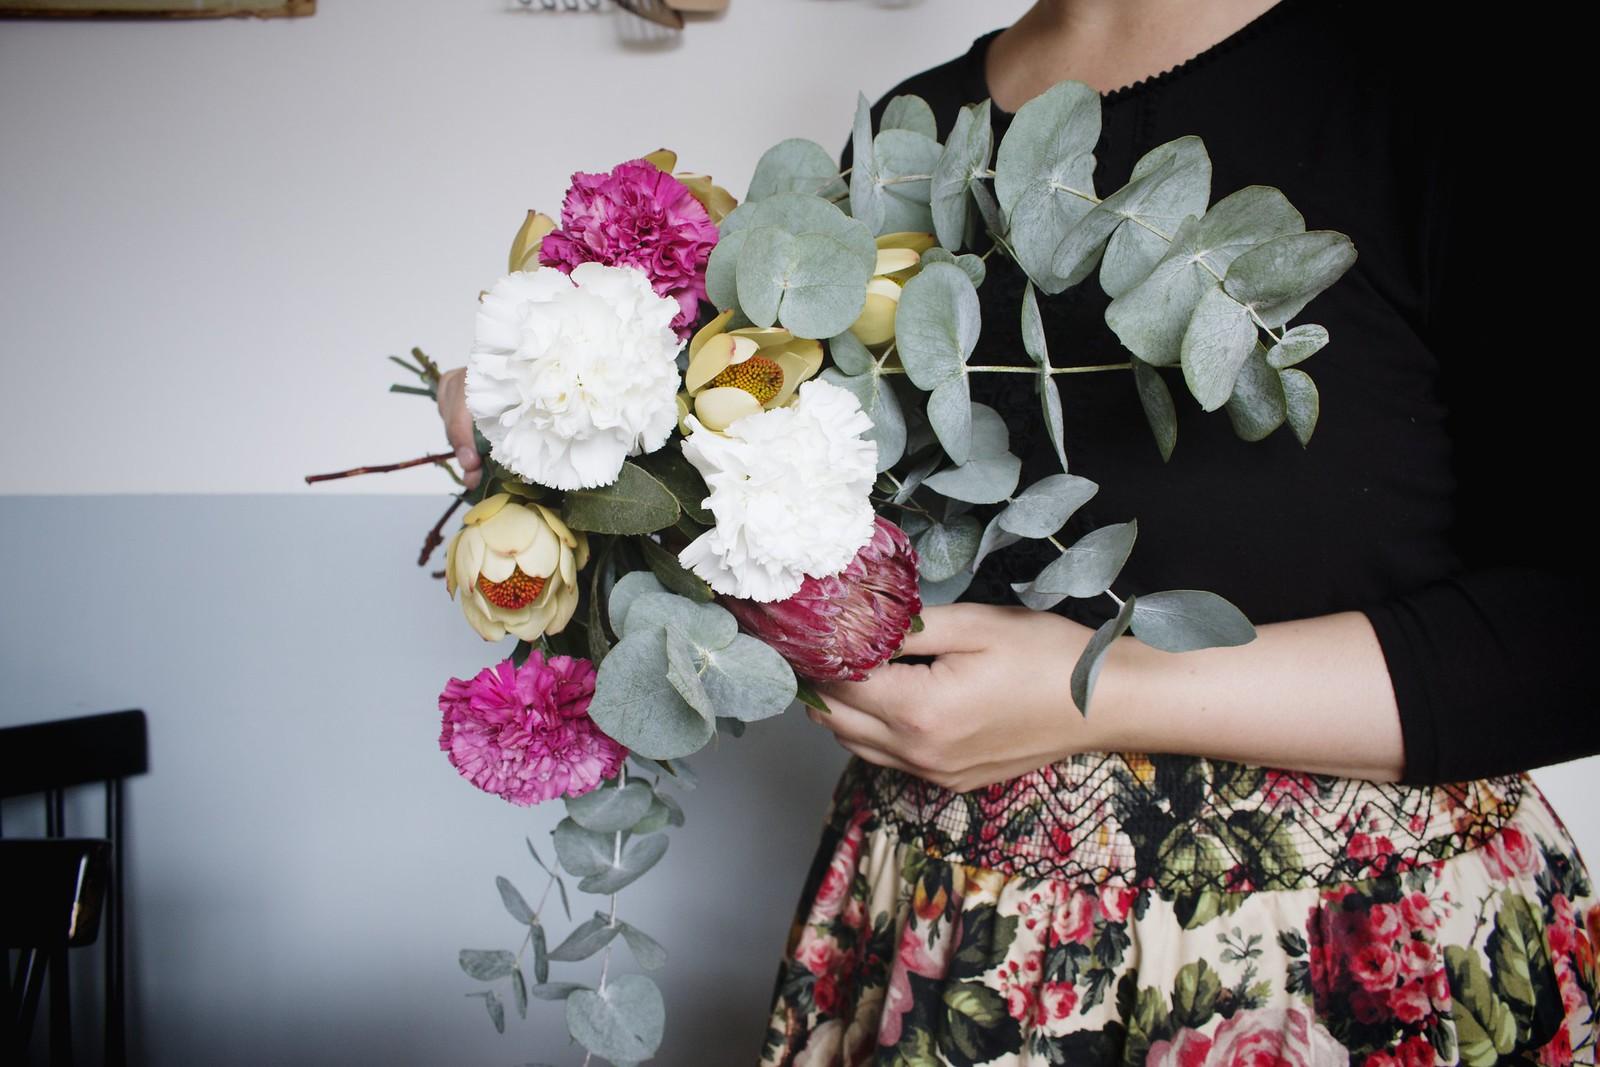 fredagsbukett_nejlikor_rosa_gul_vit_blommor